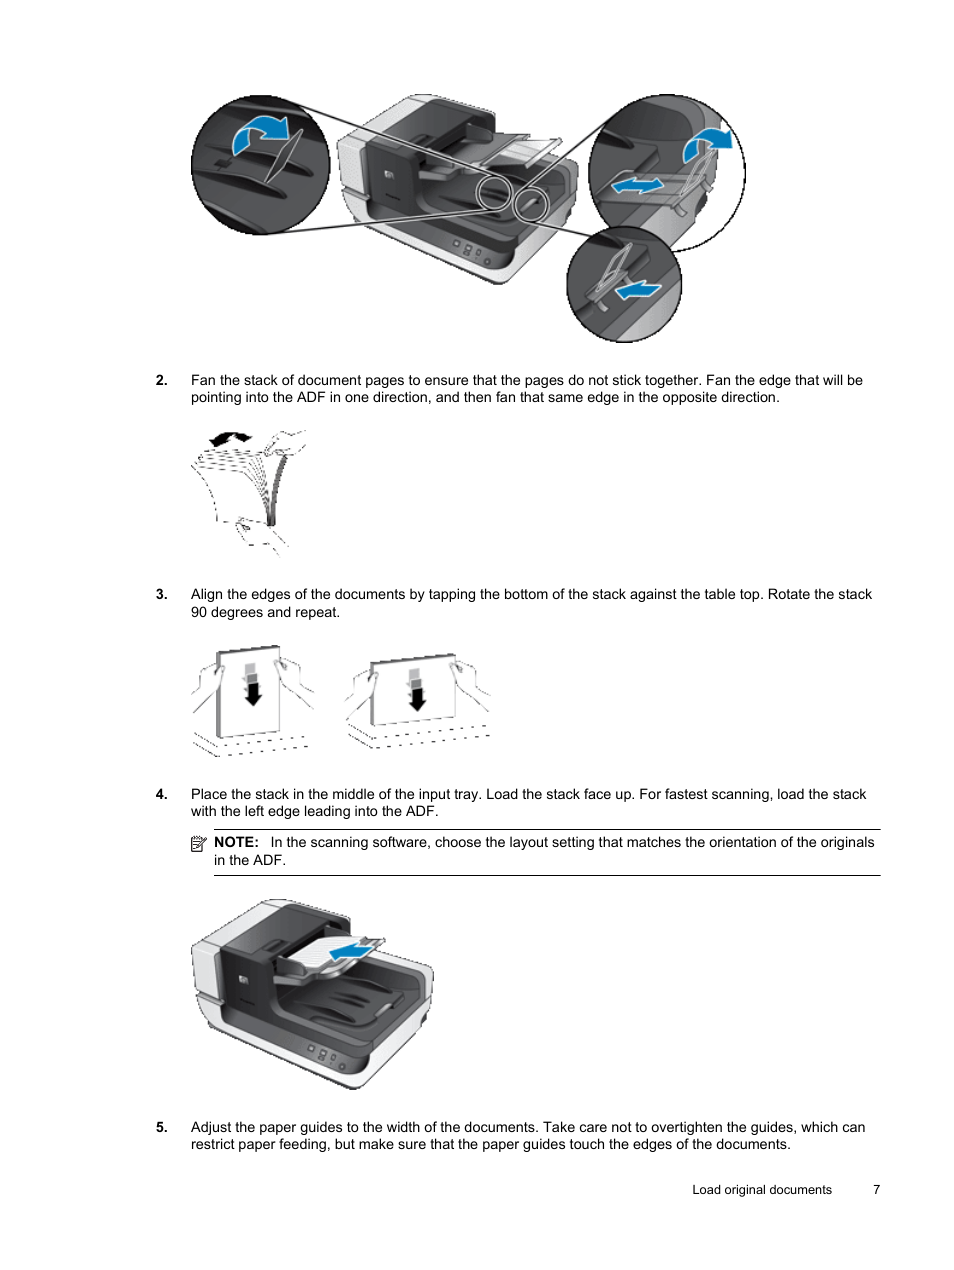 Hp scanjet enterprise n9120 manuals.